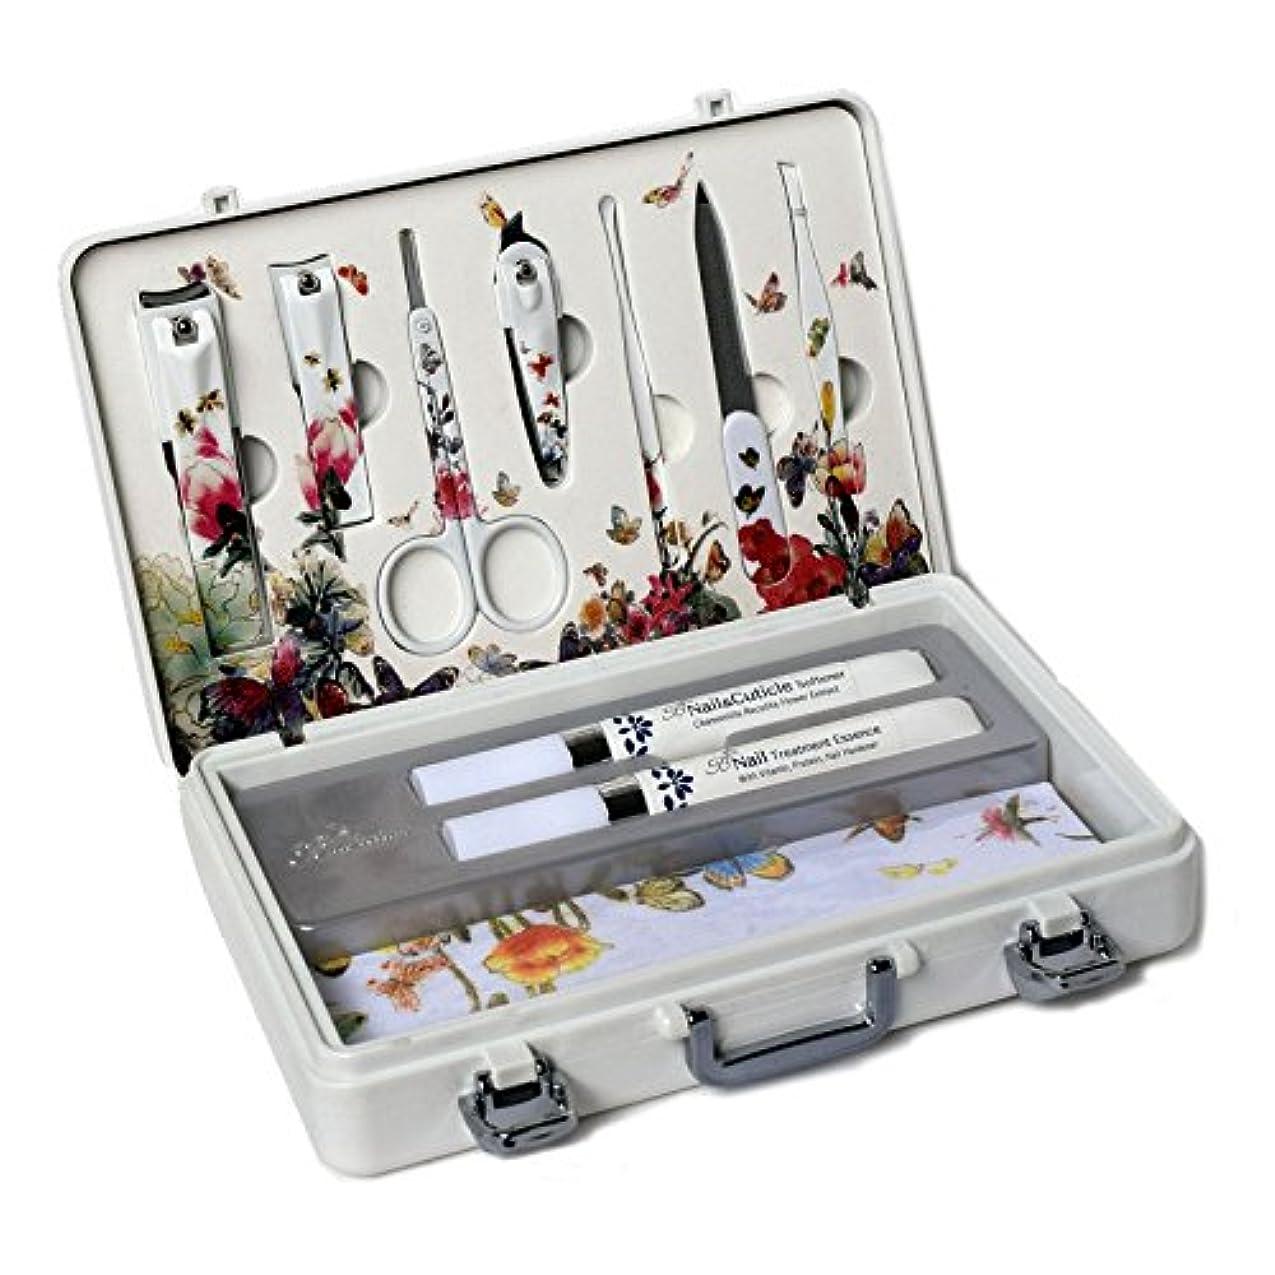 ペレグリネーションポーター超越するMETAL BELL Manicure Sets BN-2000 爪の管理セット爪切りセット 高品質のネイルケアセット高級感のある東洋画のデザイン Nail Clippers Nail Care Set